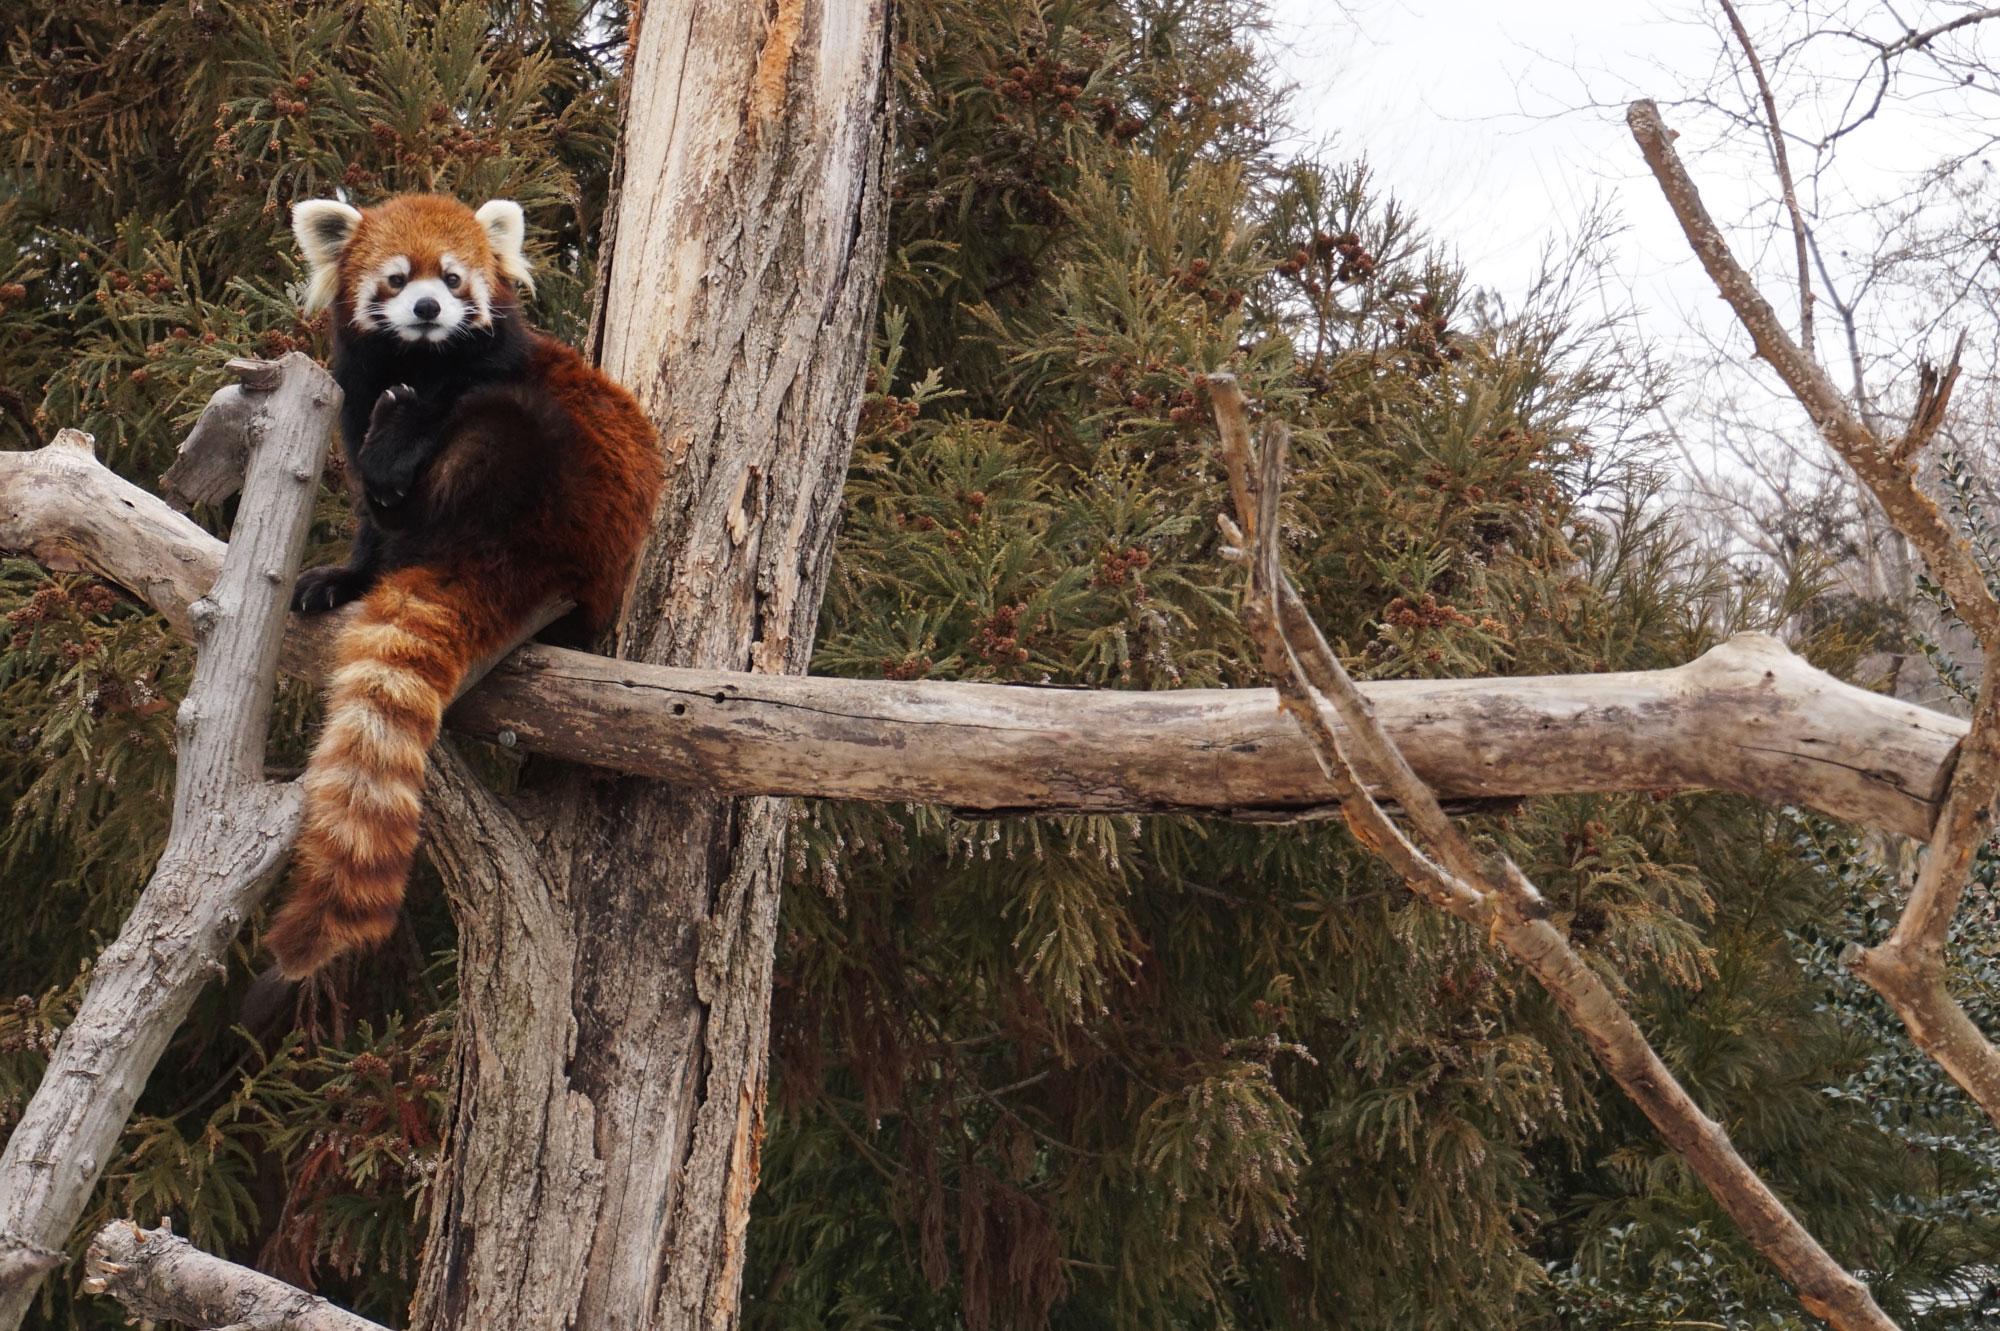 Red Panda, New York - 2015